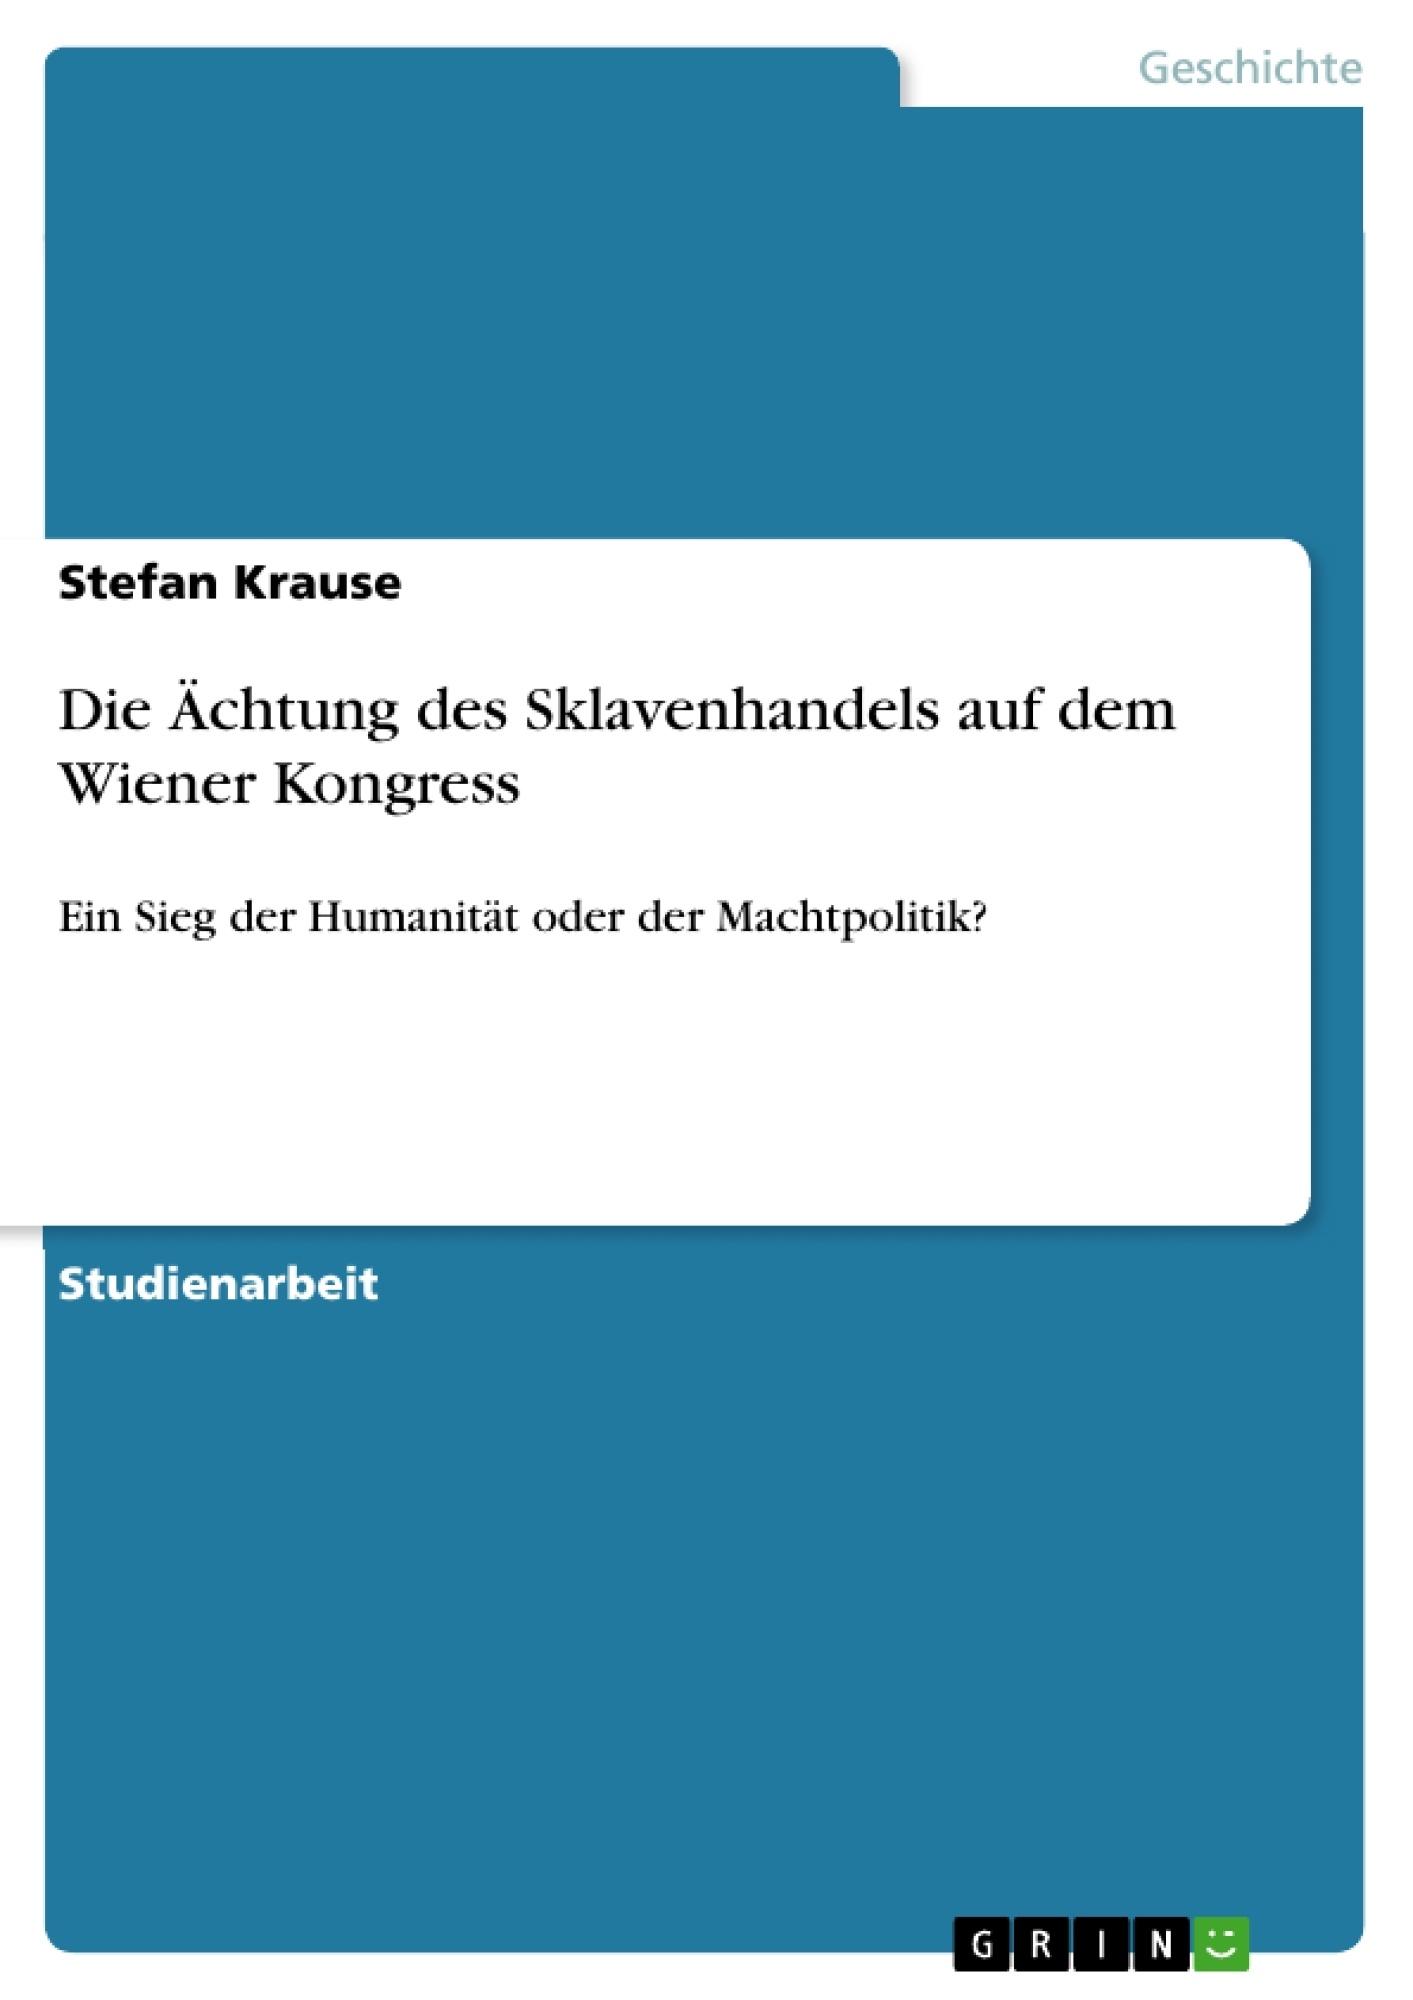 Titel: Die Ächtung des Sklavenhandels auf dem Wiener Kongress